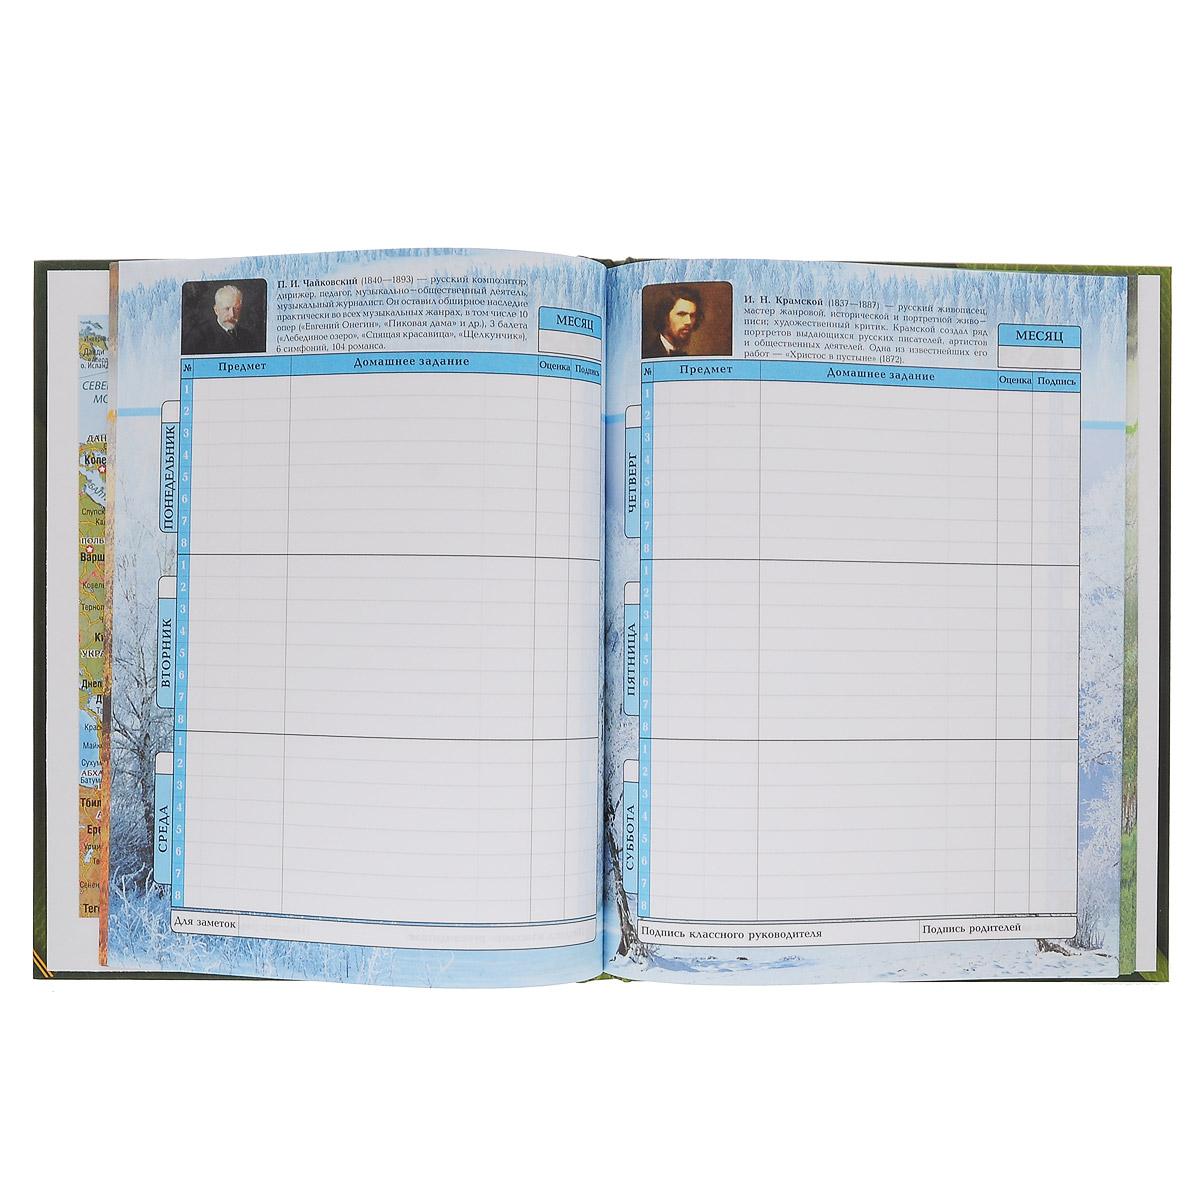 Школьный дневник Hatber Хамелеон - первый ежедневник вашего ребенка. Он поможет ему не забыть свои задания, а вы всегда сможете проконтролировать его успеваемость. Дневник предназначен для учеников 5-11 классов. Обложка дневника выполнена из плотного картона и оформлена изображением хамелеона. Внутренний блок изготовлен из высококачественной бумаги и состоит из 48 листов. В структуру дневника входят все необходимые разделы: информация о личных данных ученика, школе и педагогах, друзьях и одноклассниках, расписание факультативов и уроков по четвертям, сведения об успеваемости с рекомендациями педагогического коллектива. Дневник также содержит номера телефонов экстренной помощи и даты государственных праздников. Кроме стандартной информации, в конце дневника имеется краткий справочник школьника по математике, геометрии, физики, химии, истории. Задняя обложка дополнена таблицей Д.И. Менделеева.  Школьный дневник Hatber Хамелеон станет отличным помощником в освоении новых знаний и принесет радость своему хозяину в учебные будни.